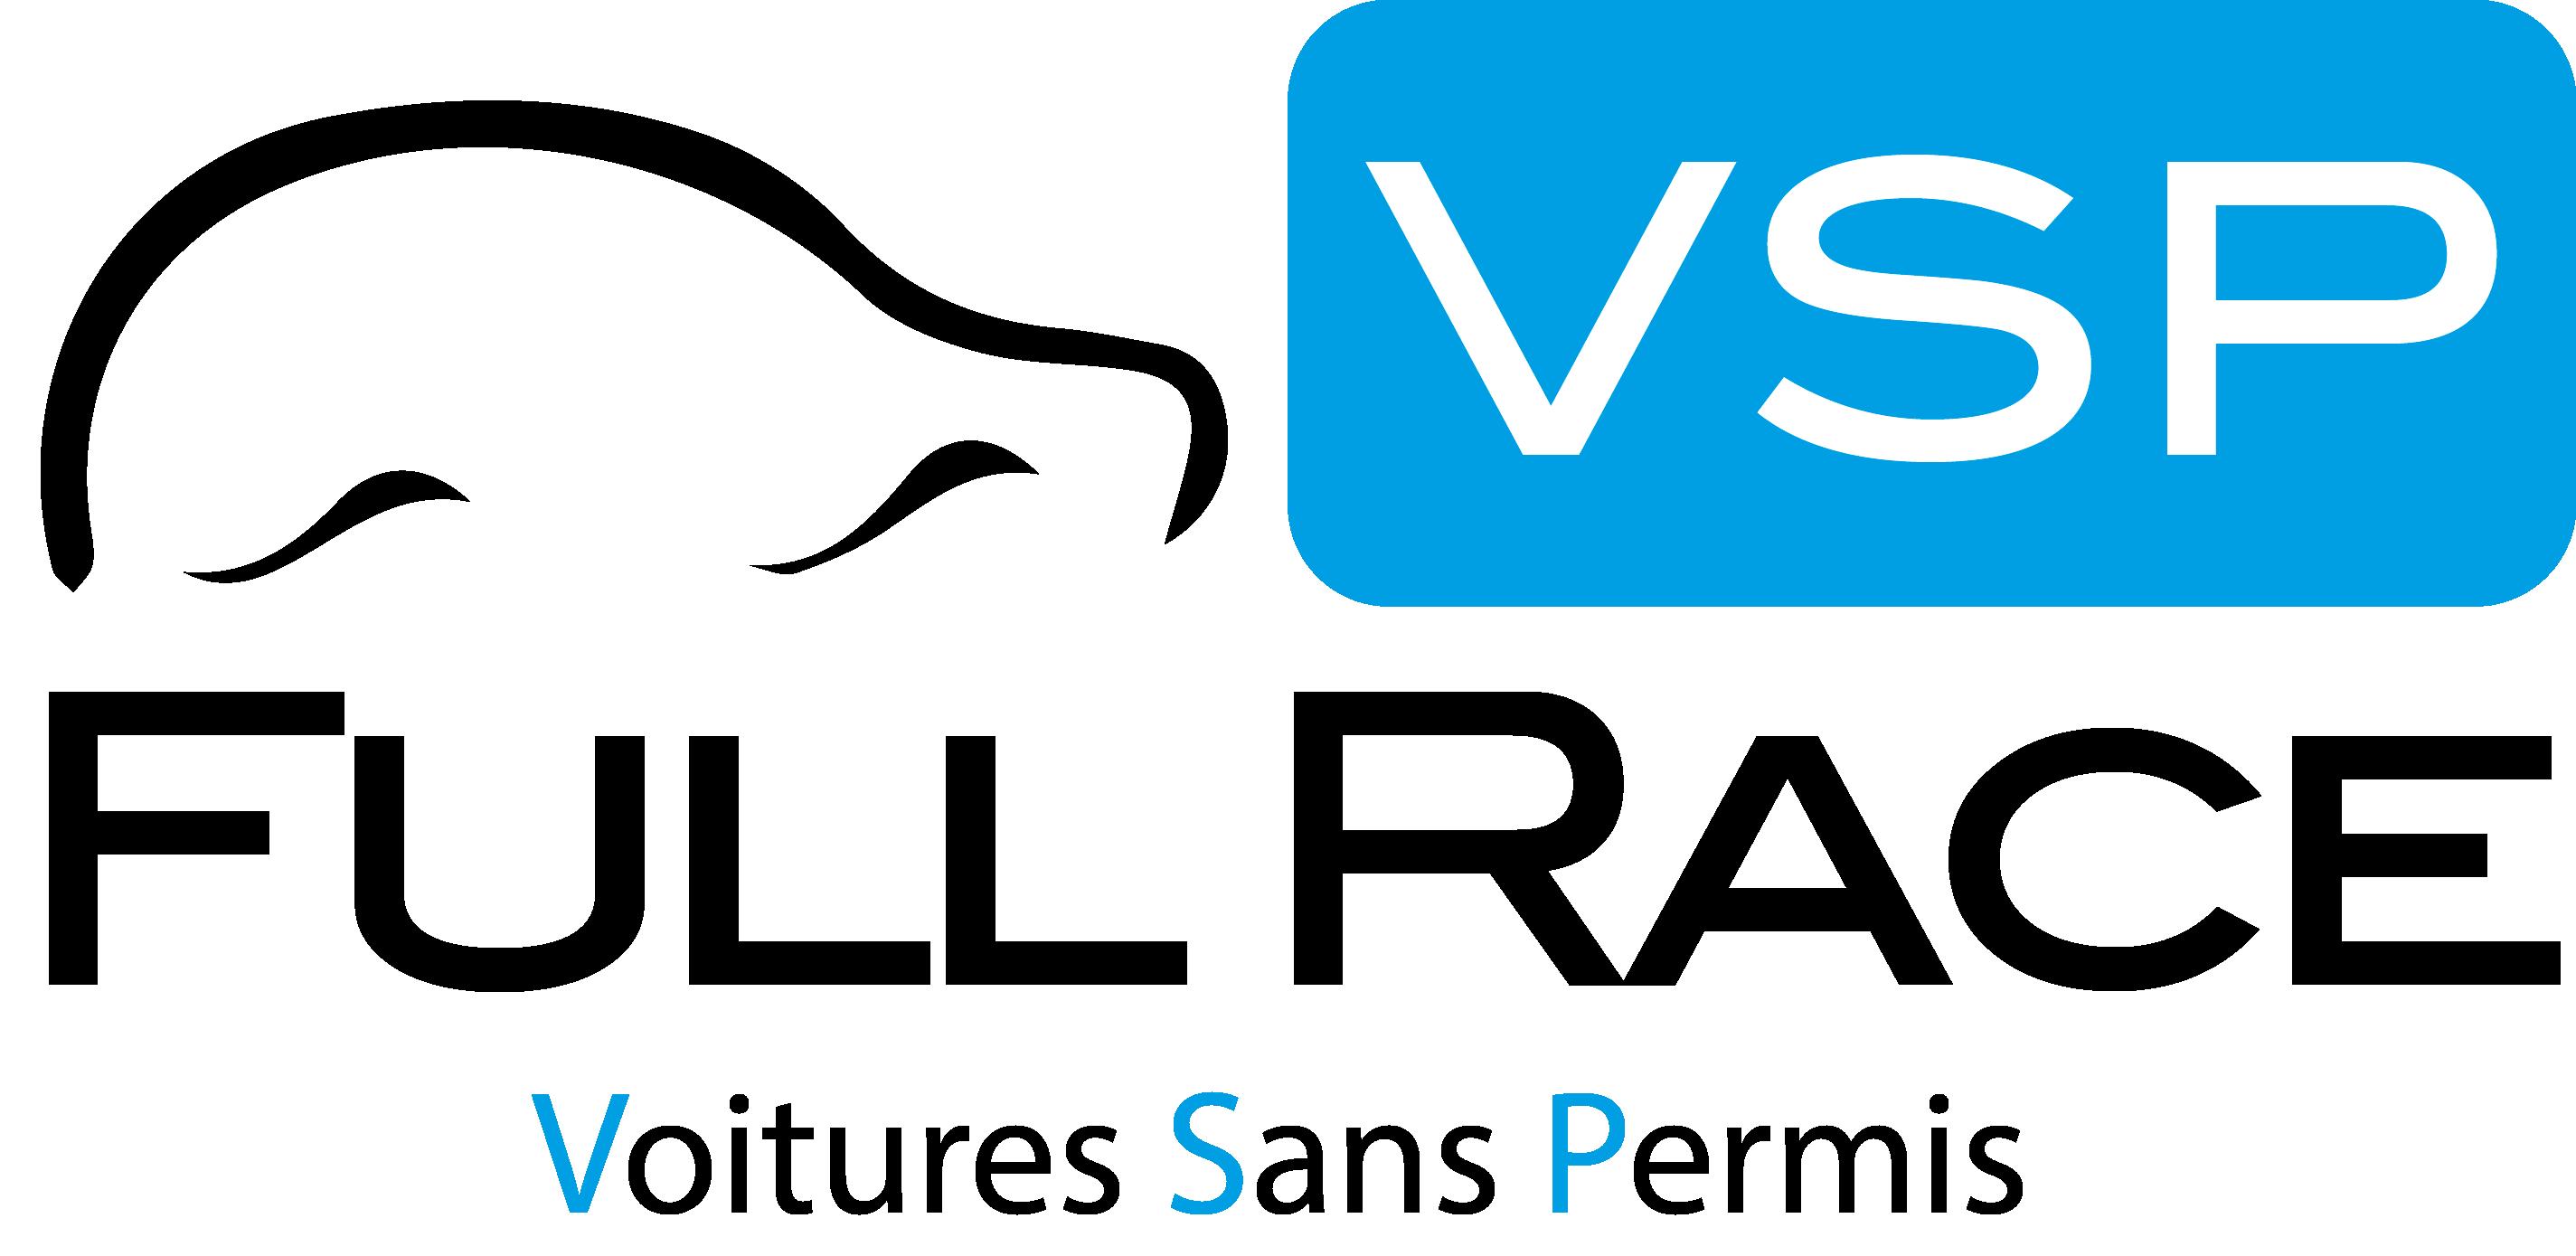 VSP Full Race - Concessionnaire de voiture sans permis